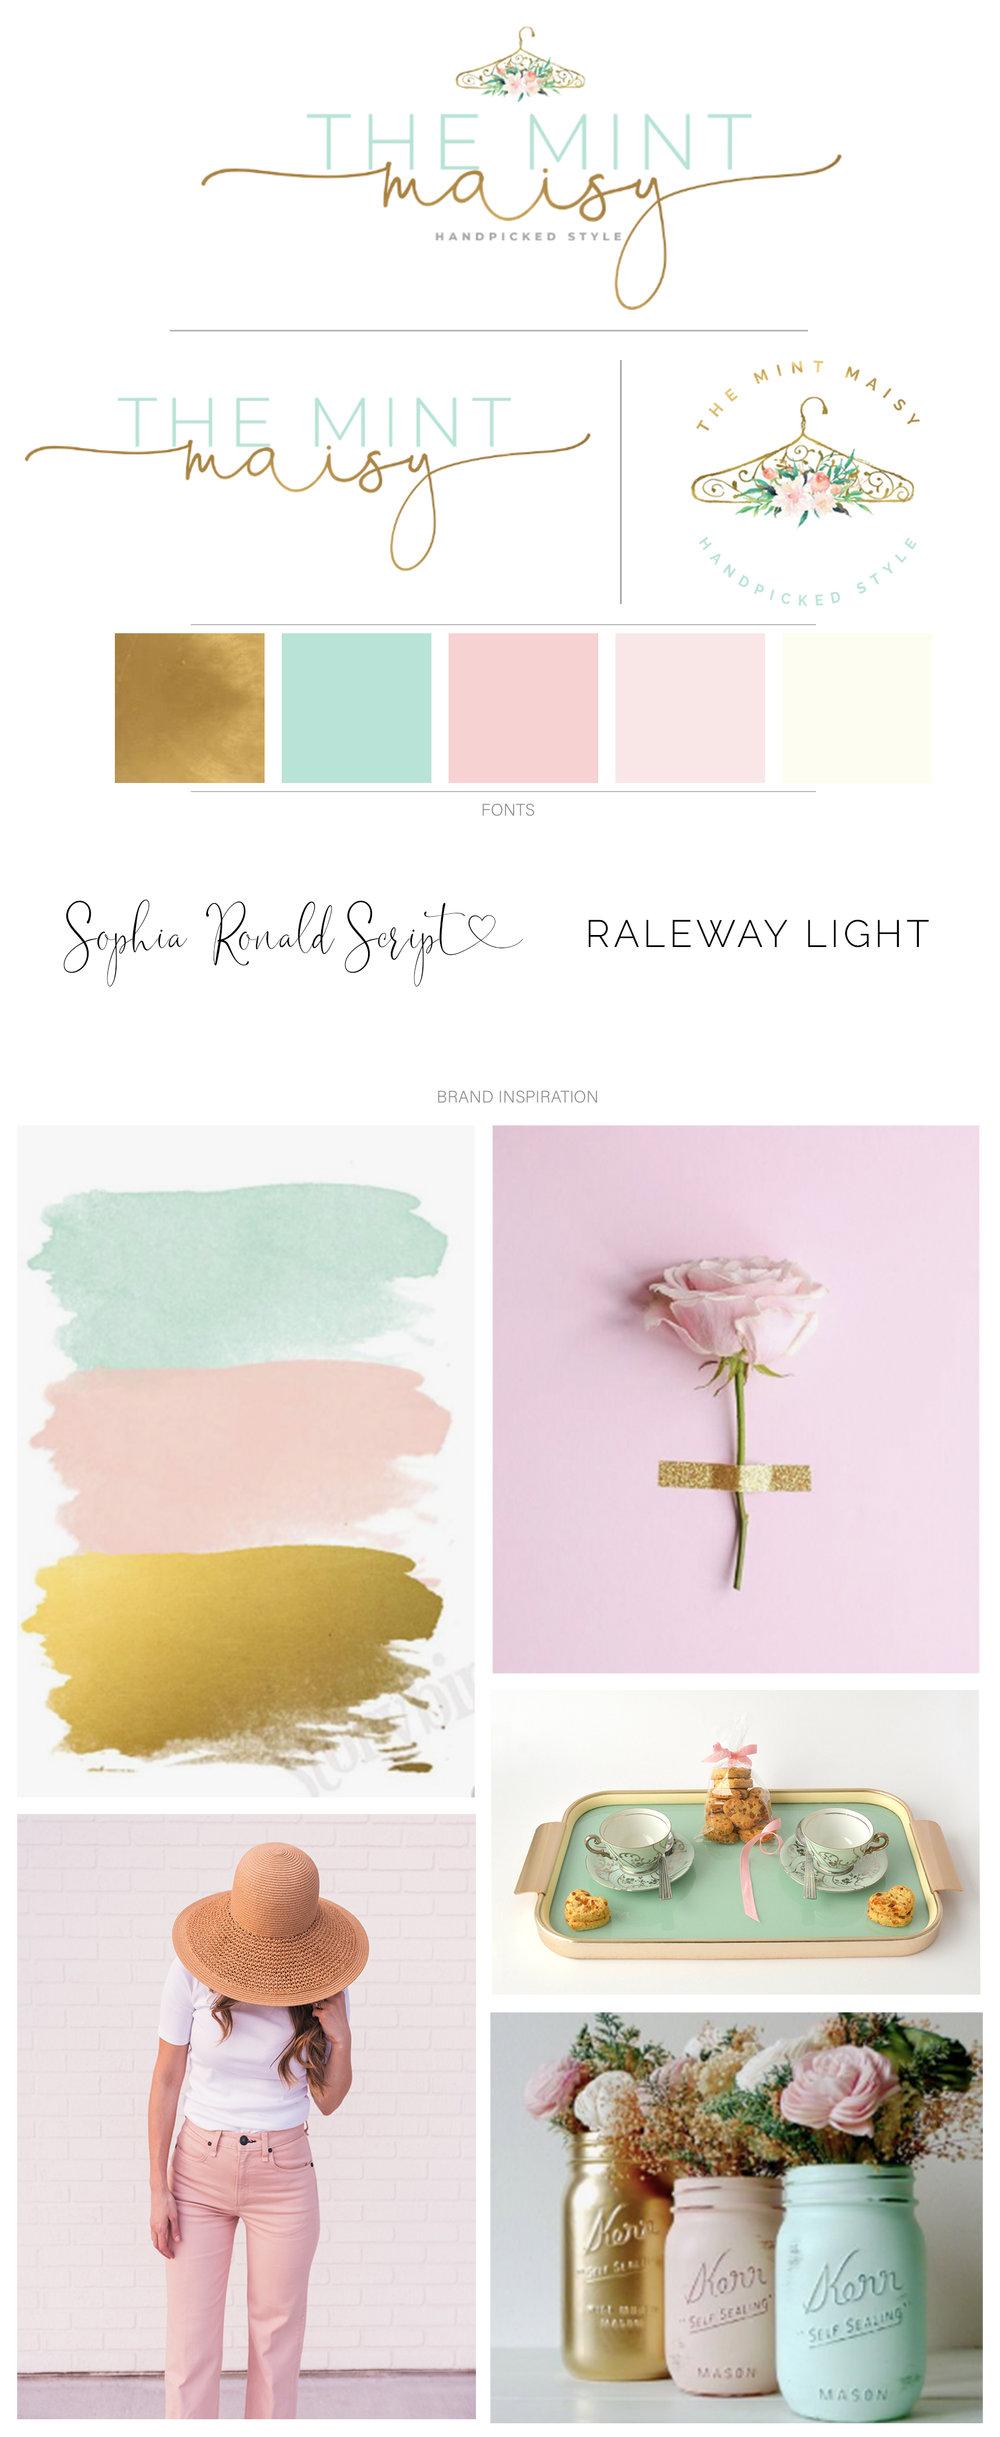 Mint Maisy Brand Board.jpg